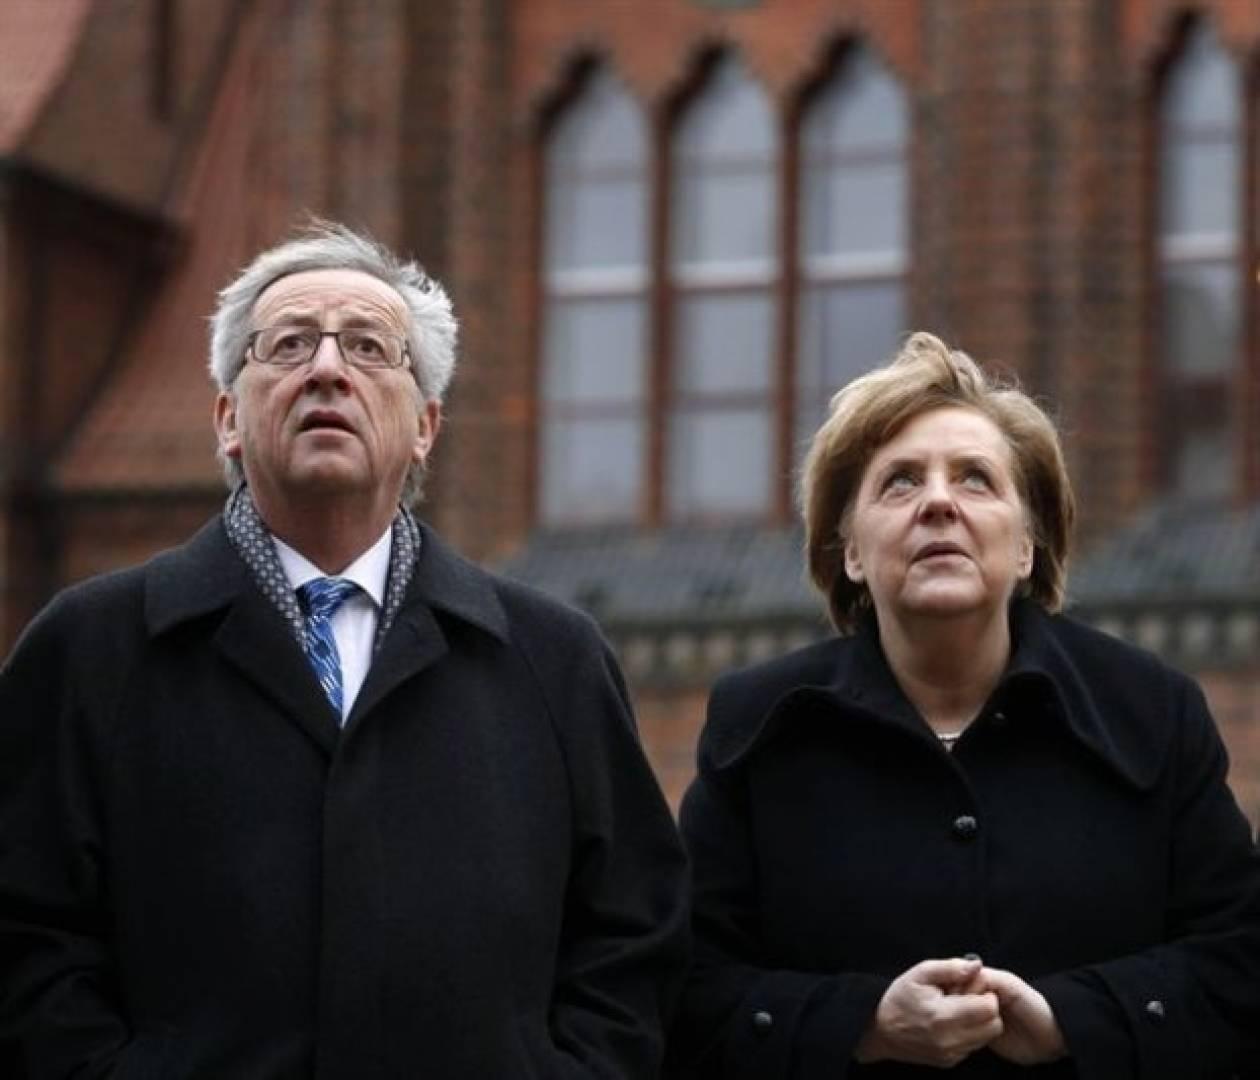 Η Μέρκελ υποστηρίζει τον Γιούνκερ για την ηγεσία των συντηρητικών